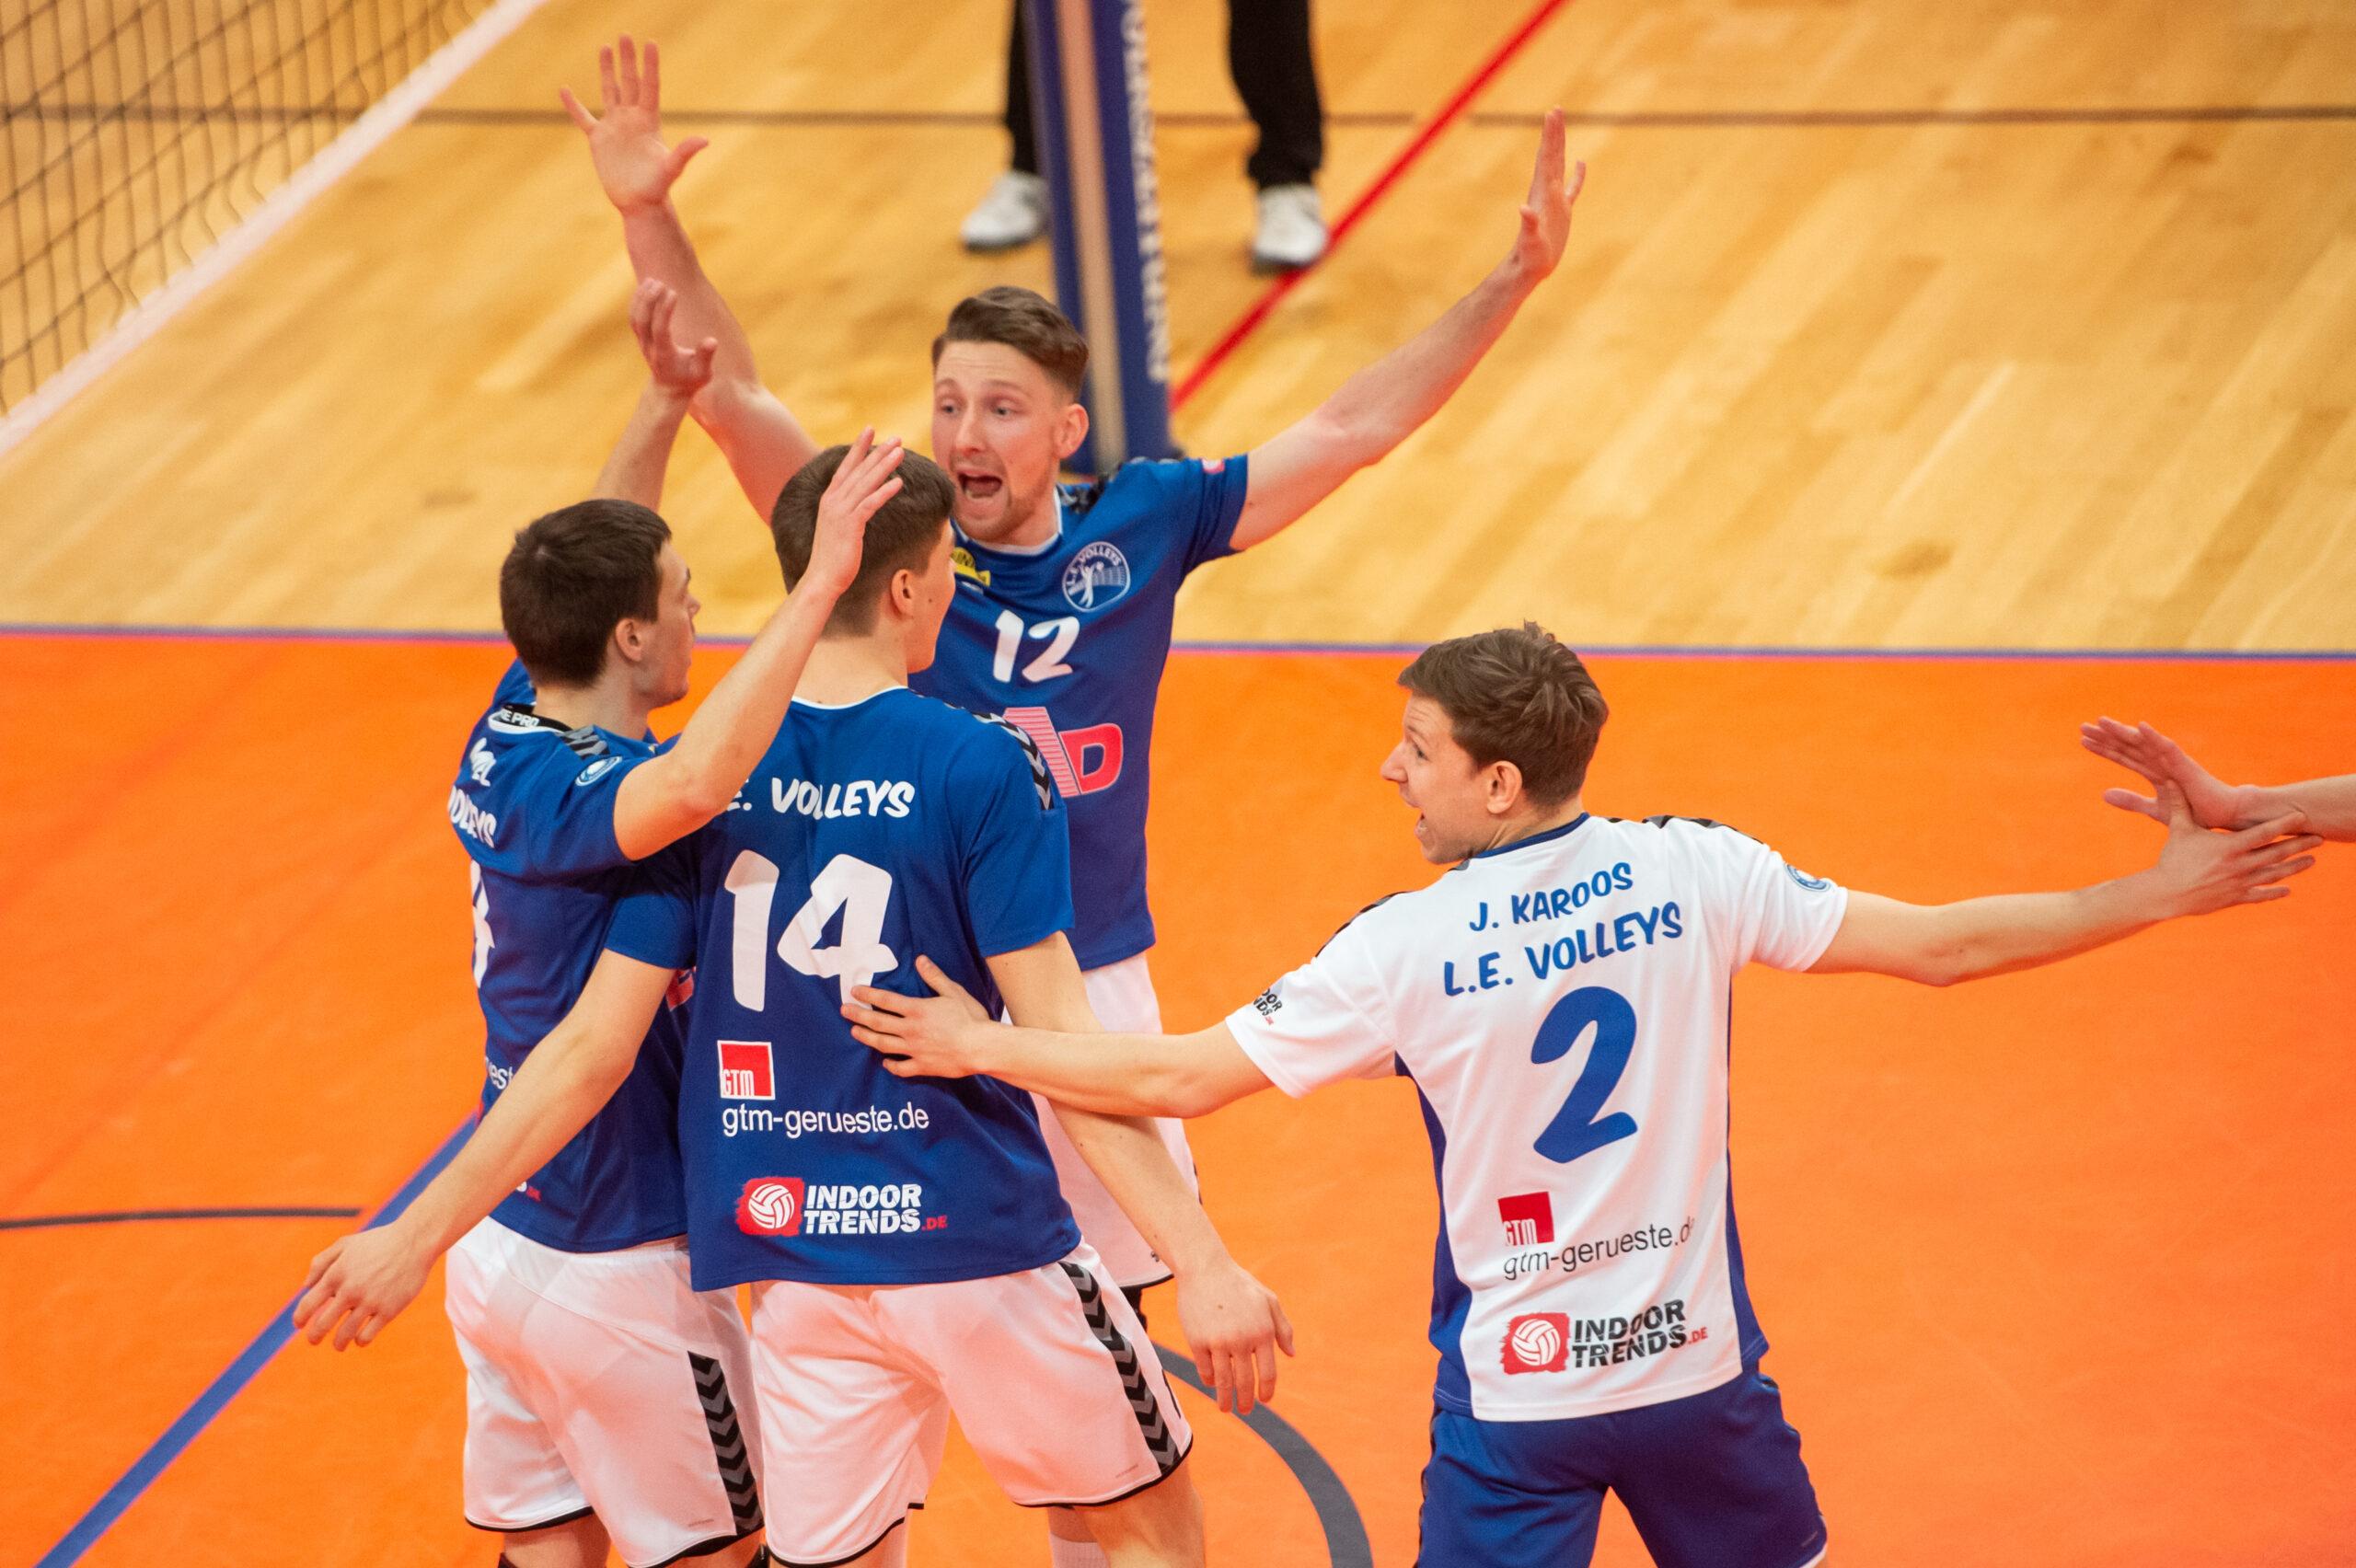 Rene Menzel (Volleys #4), Jannik Ko§mann (Volleys #14), Martin  Burgartz (Volleys #12), Julius Karoos (Volleys #2)    L.E. Volleys Leipzig vs TV/DJK Hammelburg, Volleyball, 2.Liga, 20.03.2021